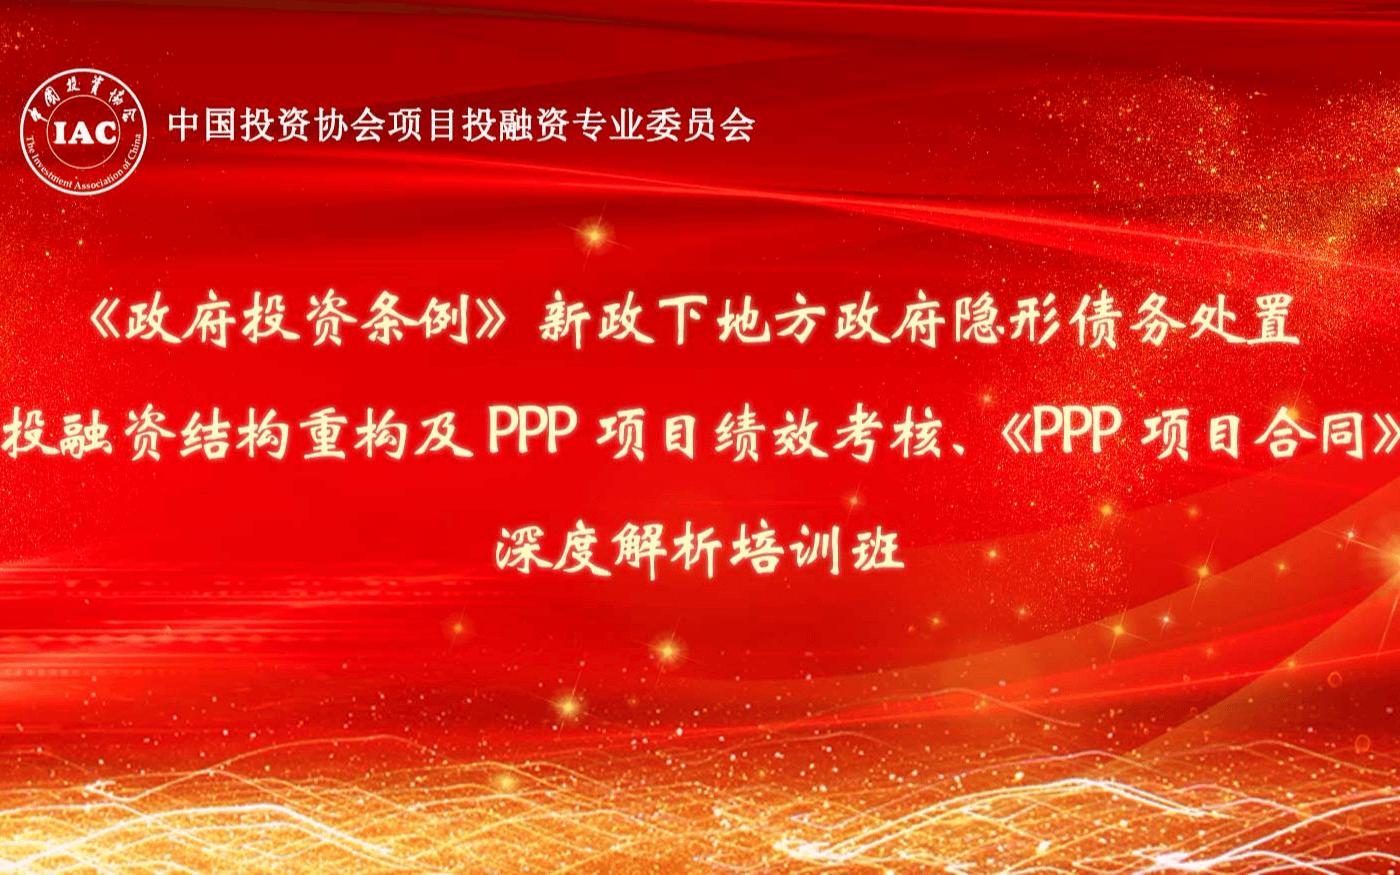 2020 PPP项目绩效考核、《PPP项目合同》深度解析培训班(1月海口班)